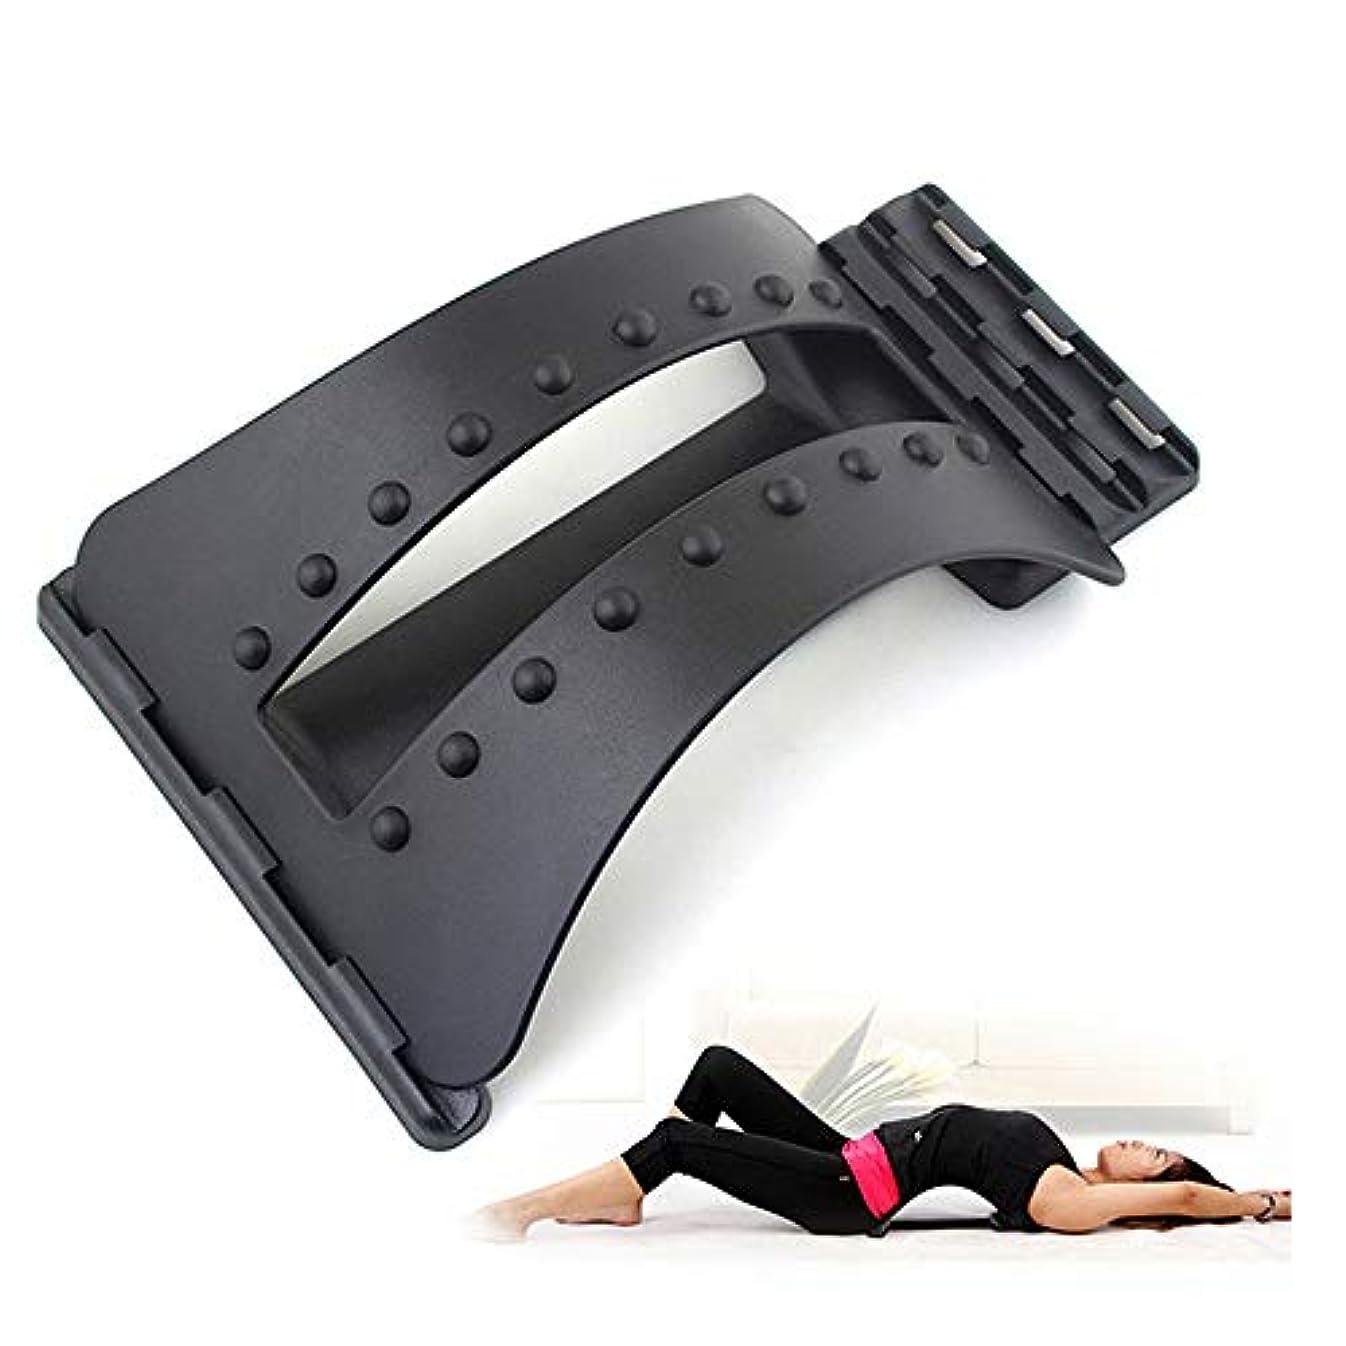 明快人気のフィールド背中マッサージストレッチャーフィットネスマッサージ機器ストレッチリラックスストレッチャー腰椎サポート脊椎疼痛救済カイロプラクティックドロップシップ